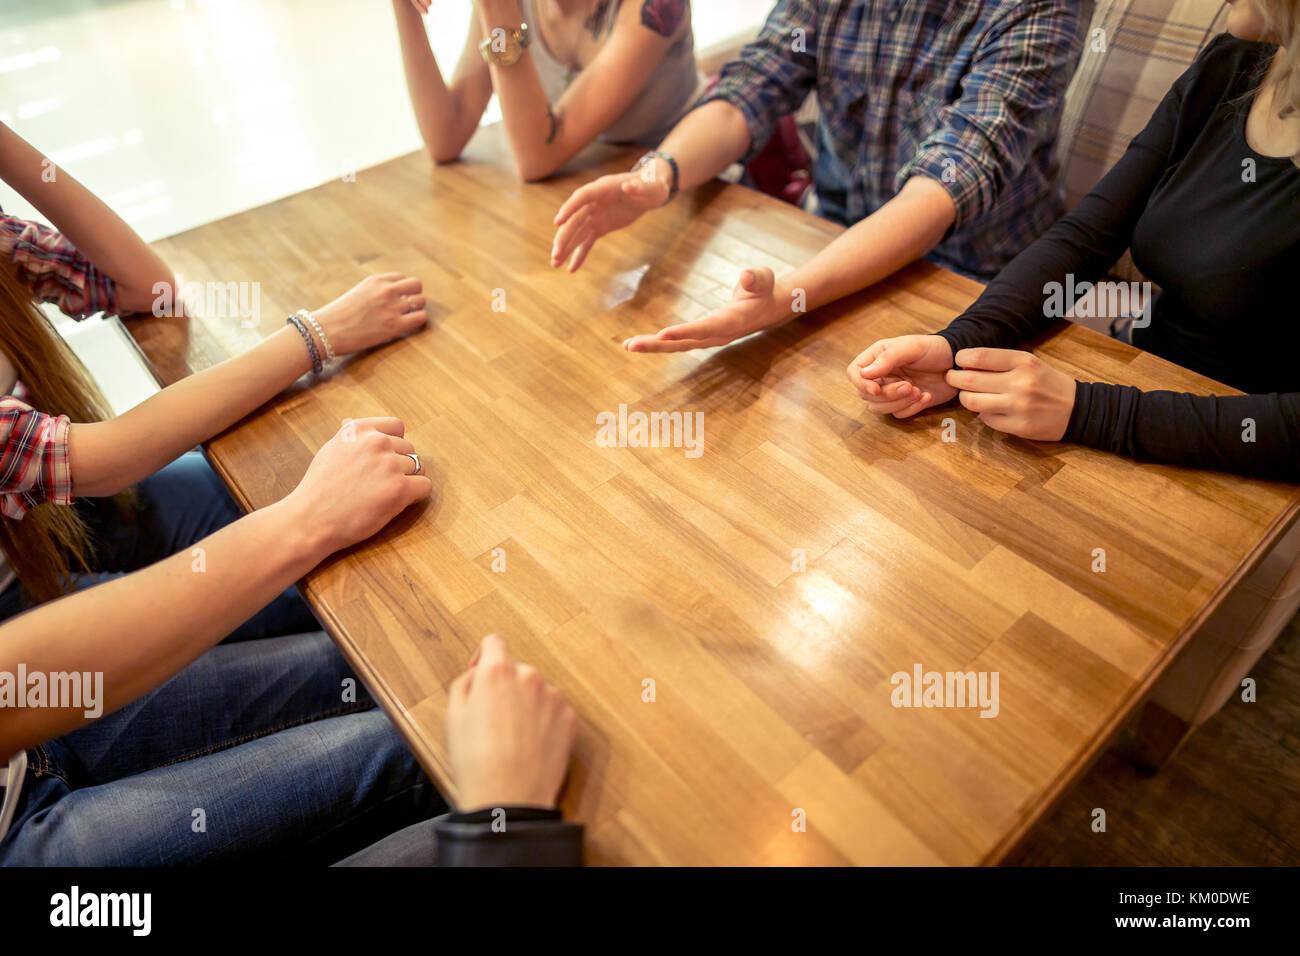 Gruppo di studenti seduti in un caffè bar guardando ogni altro Immagini Stock